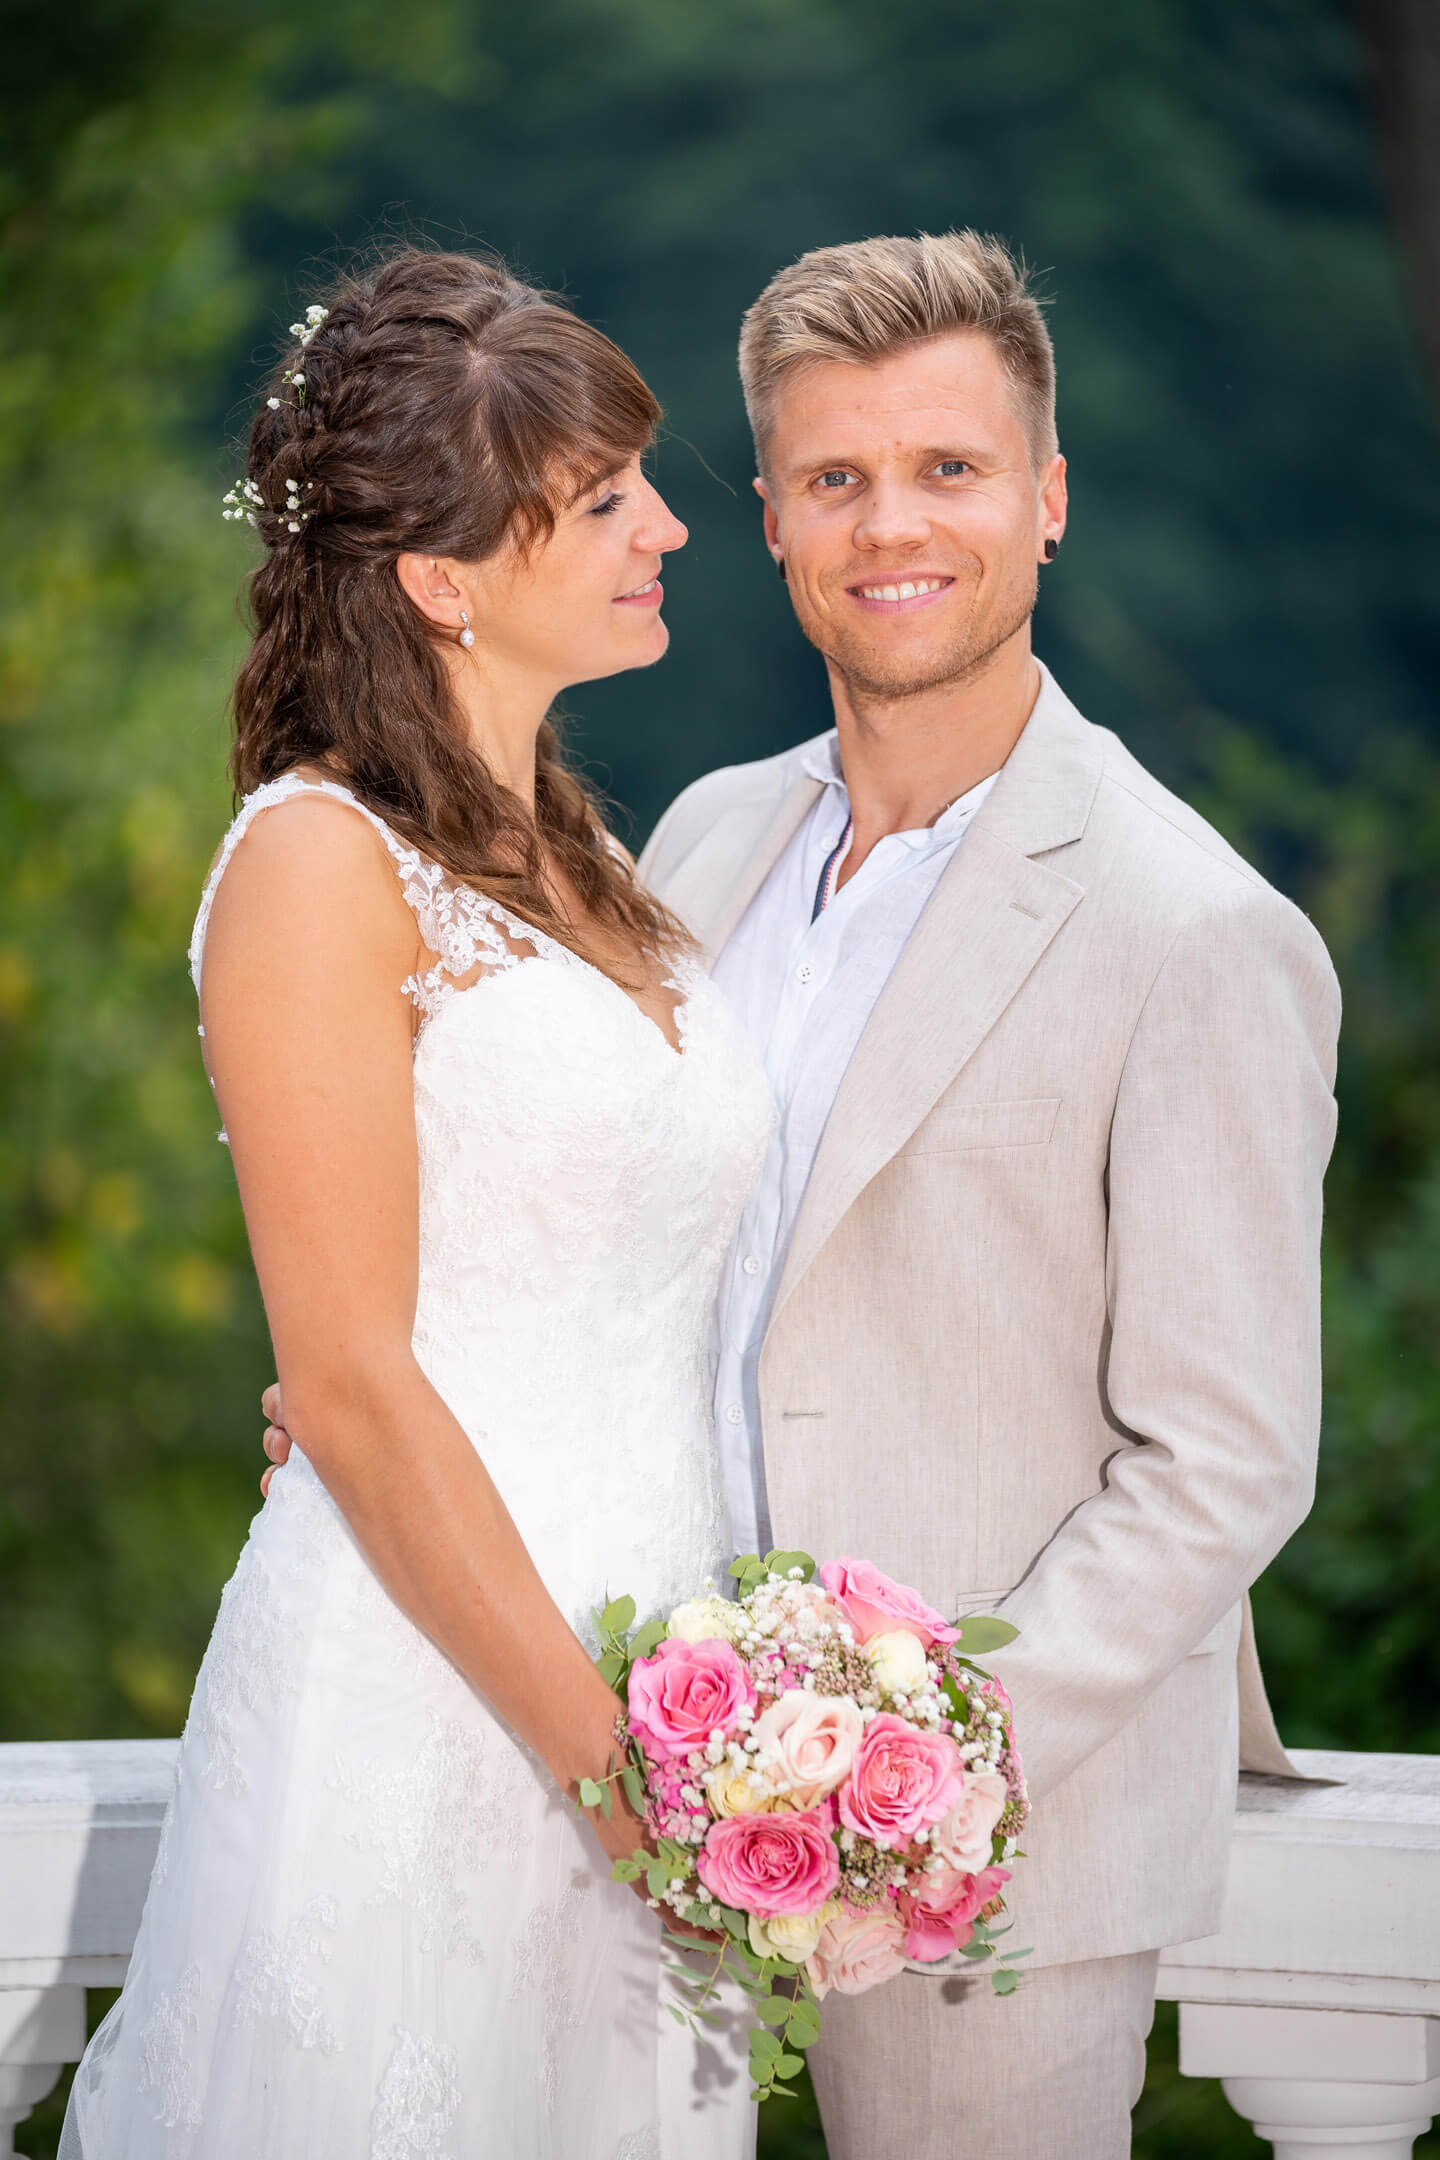 Hochzeitsfotograf Florian Läufer aus Hamburg machte diese Aufnahme